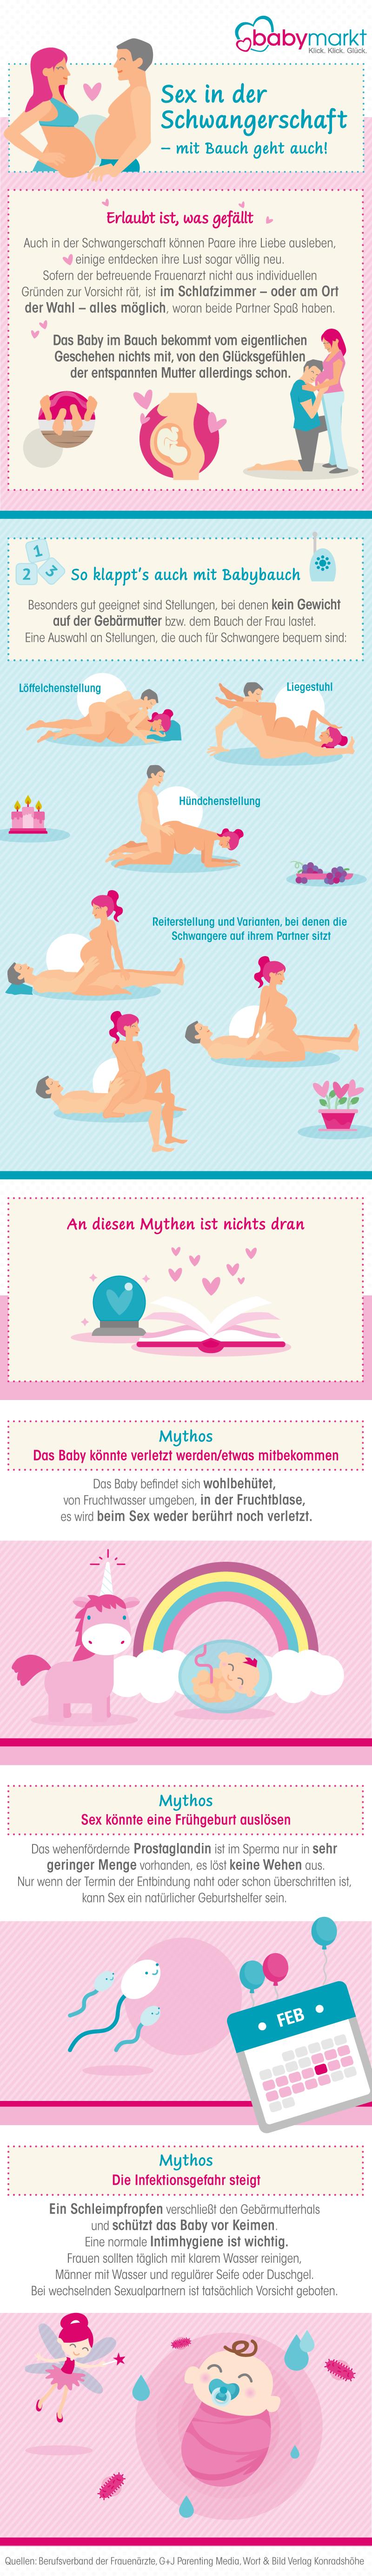 Die Infografik klärt über verschiedene Mythen auf und zeigt auf, worauf beim Sex zu achten ist